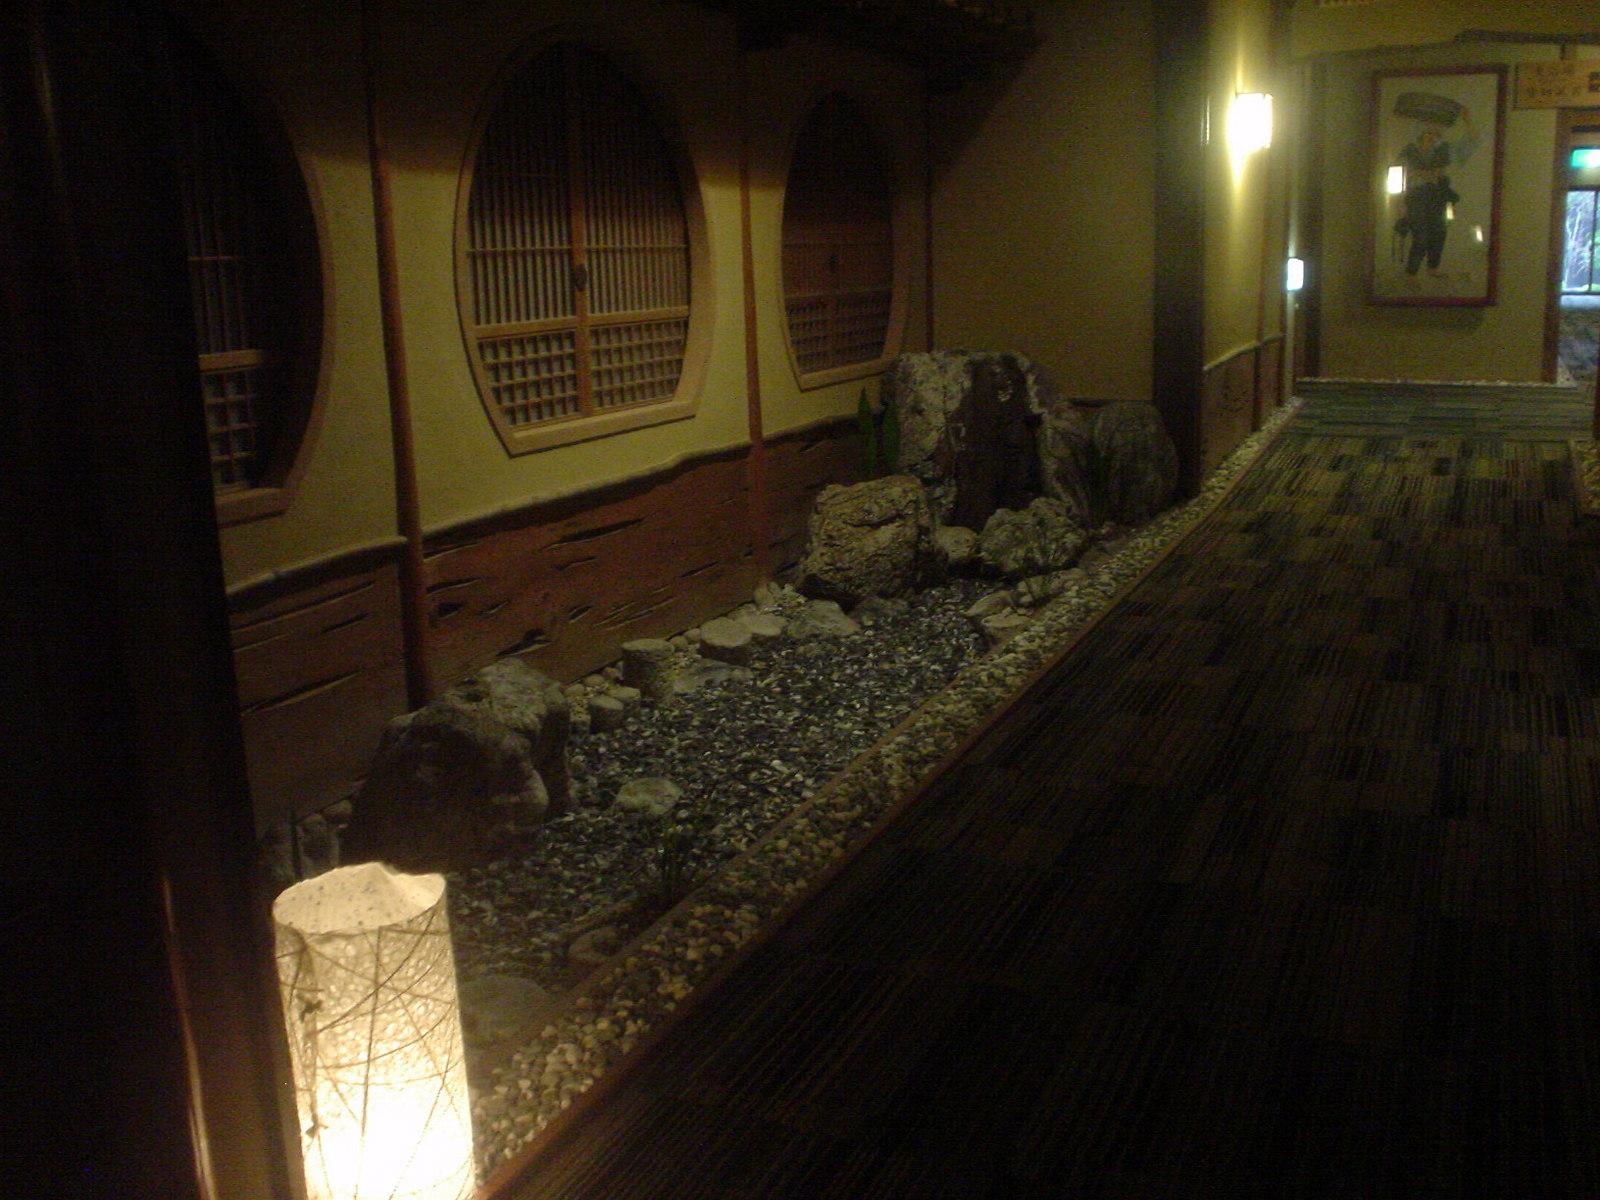 食事個室へ向かう途中の廊下にも庭がありました